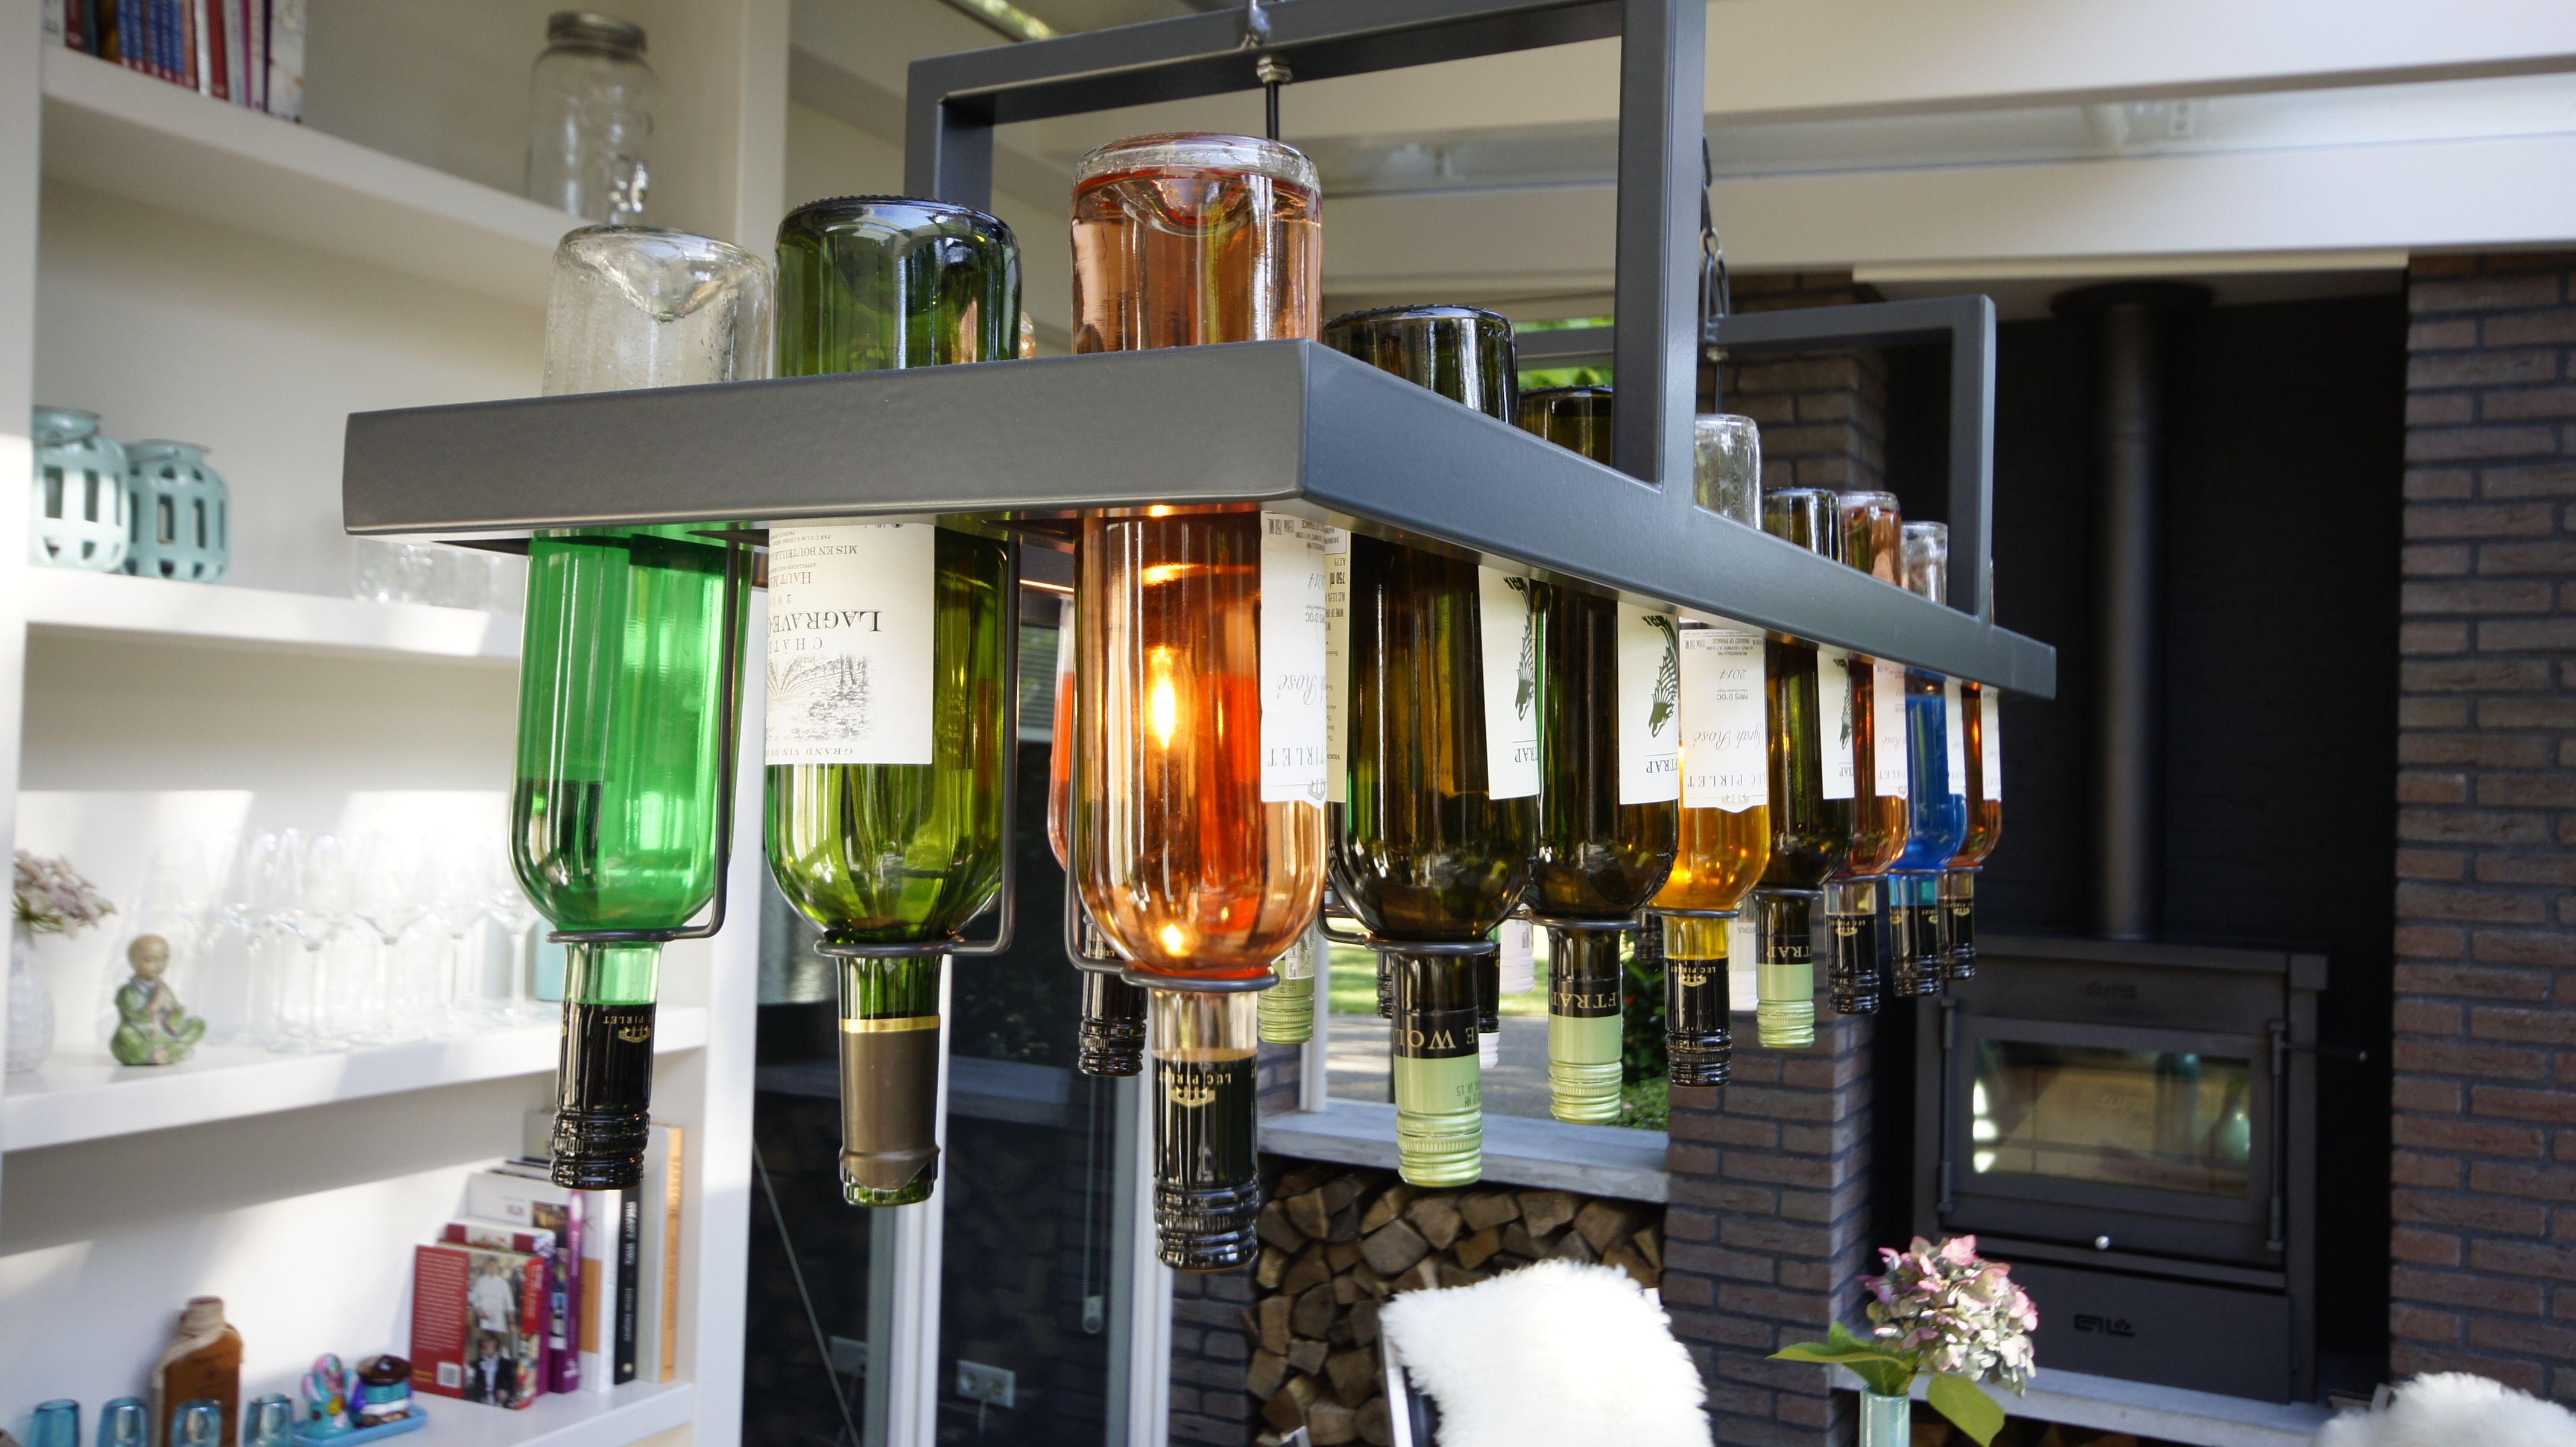 Wijnkoeler Met Licht : Wijnkoeler champagnekoeler met led verlichting in kleuren